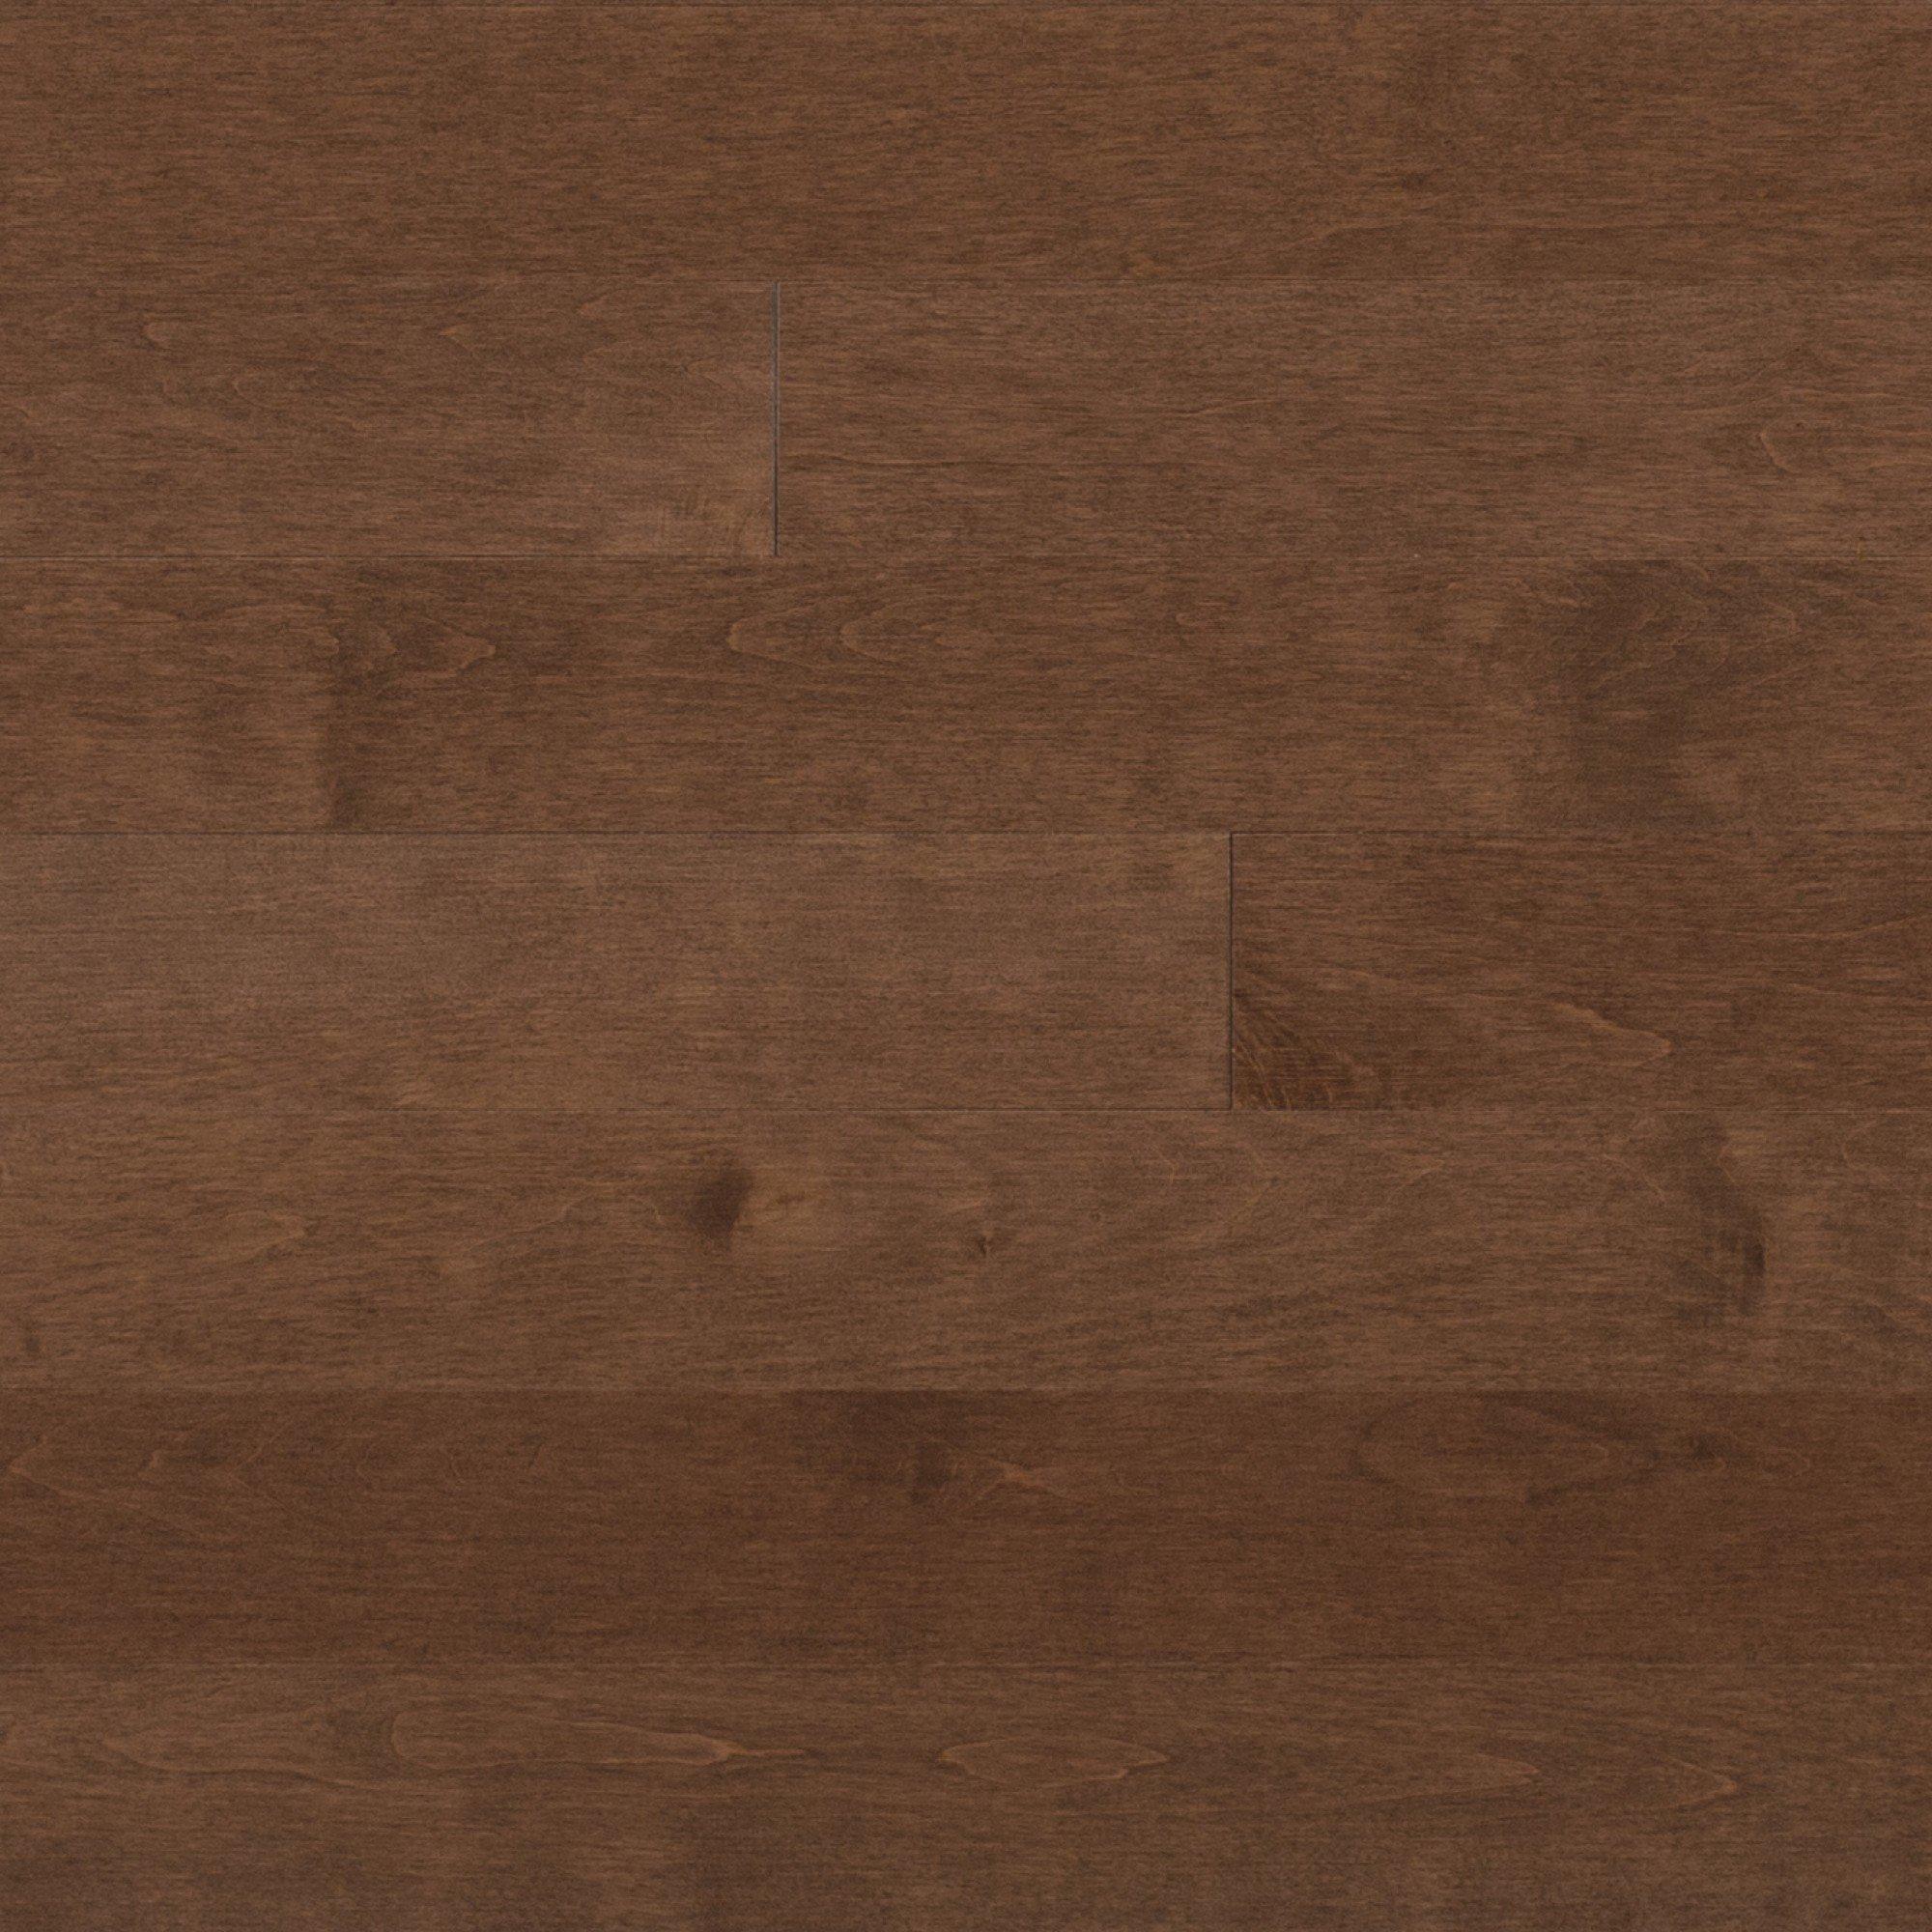 Érable North Hatley Exclusive Lisse - Image plancher